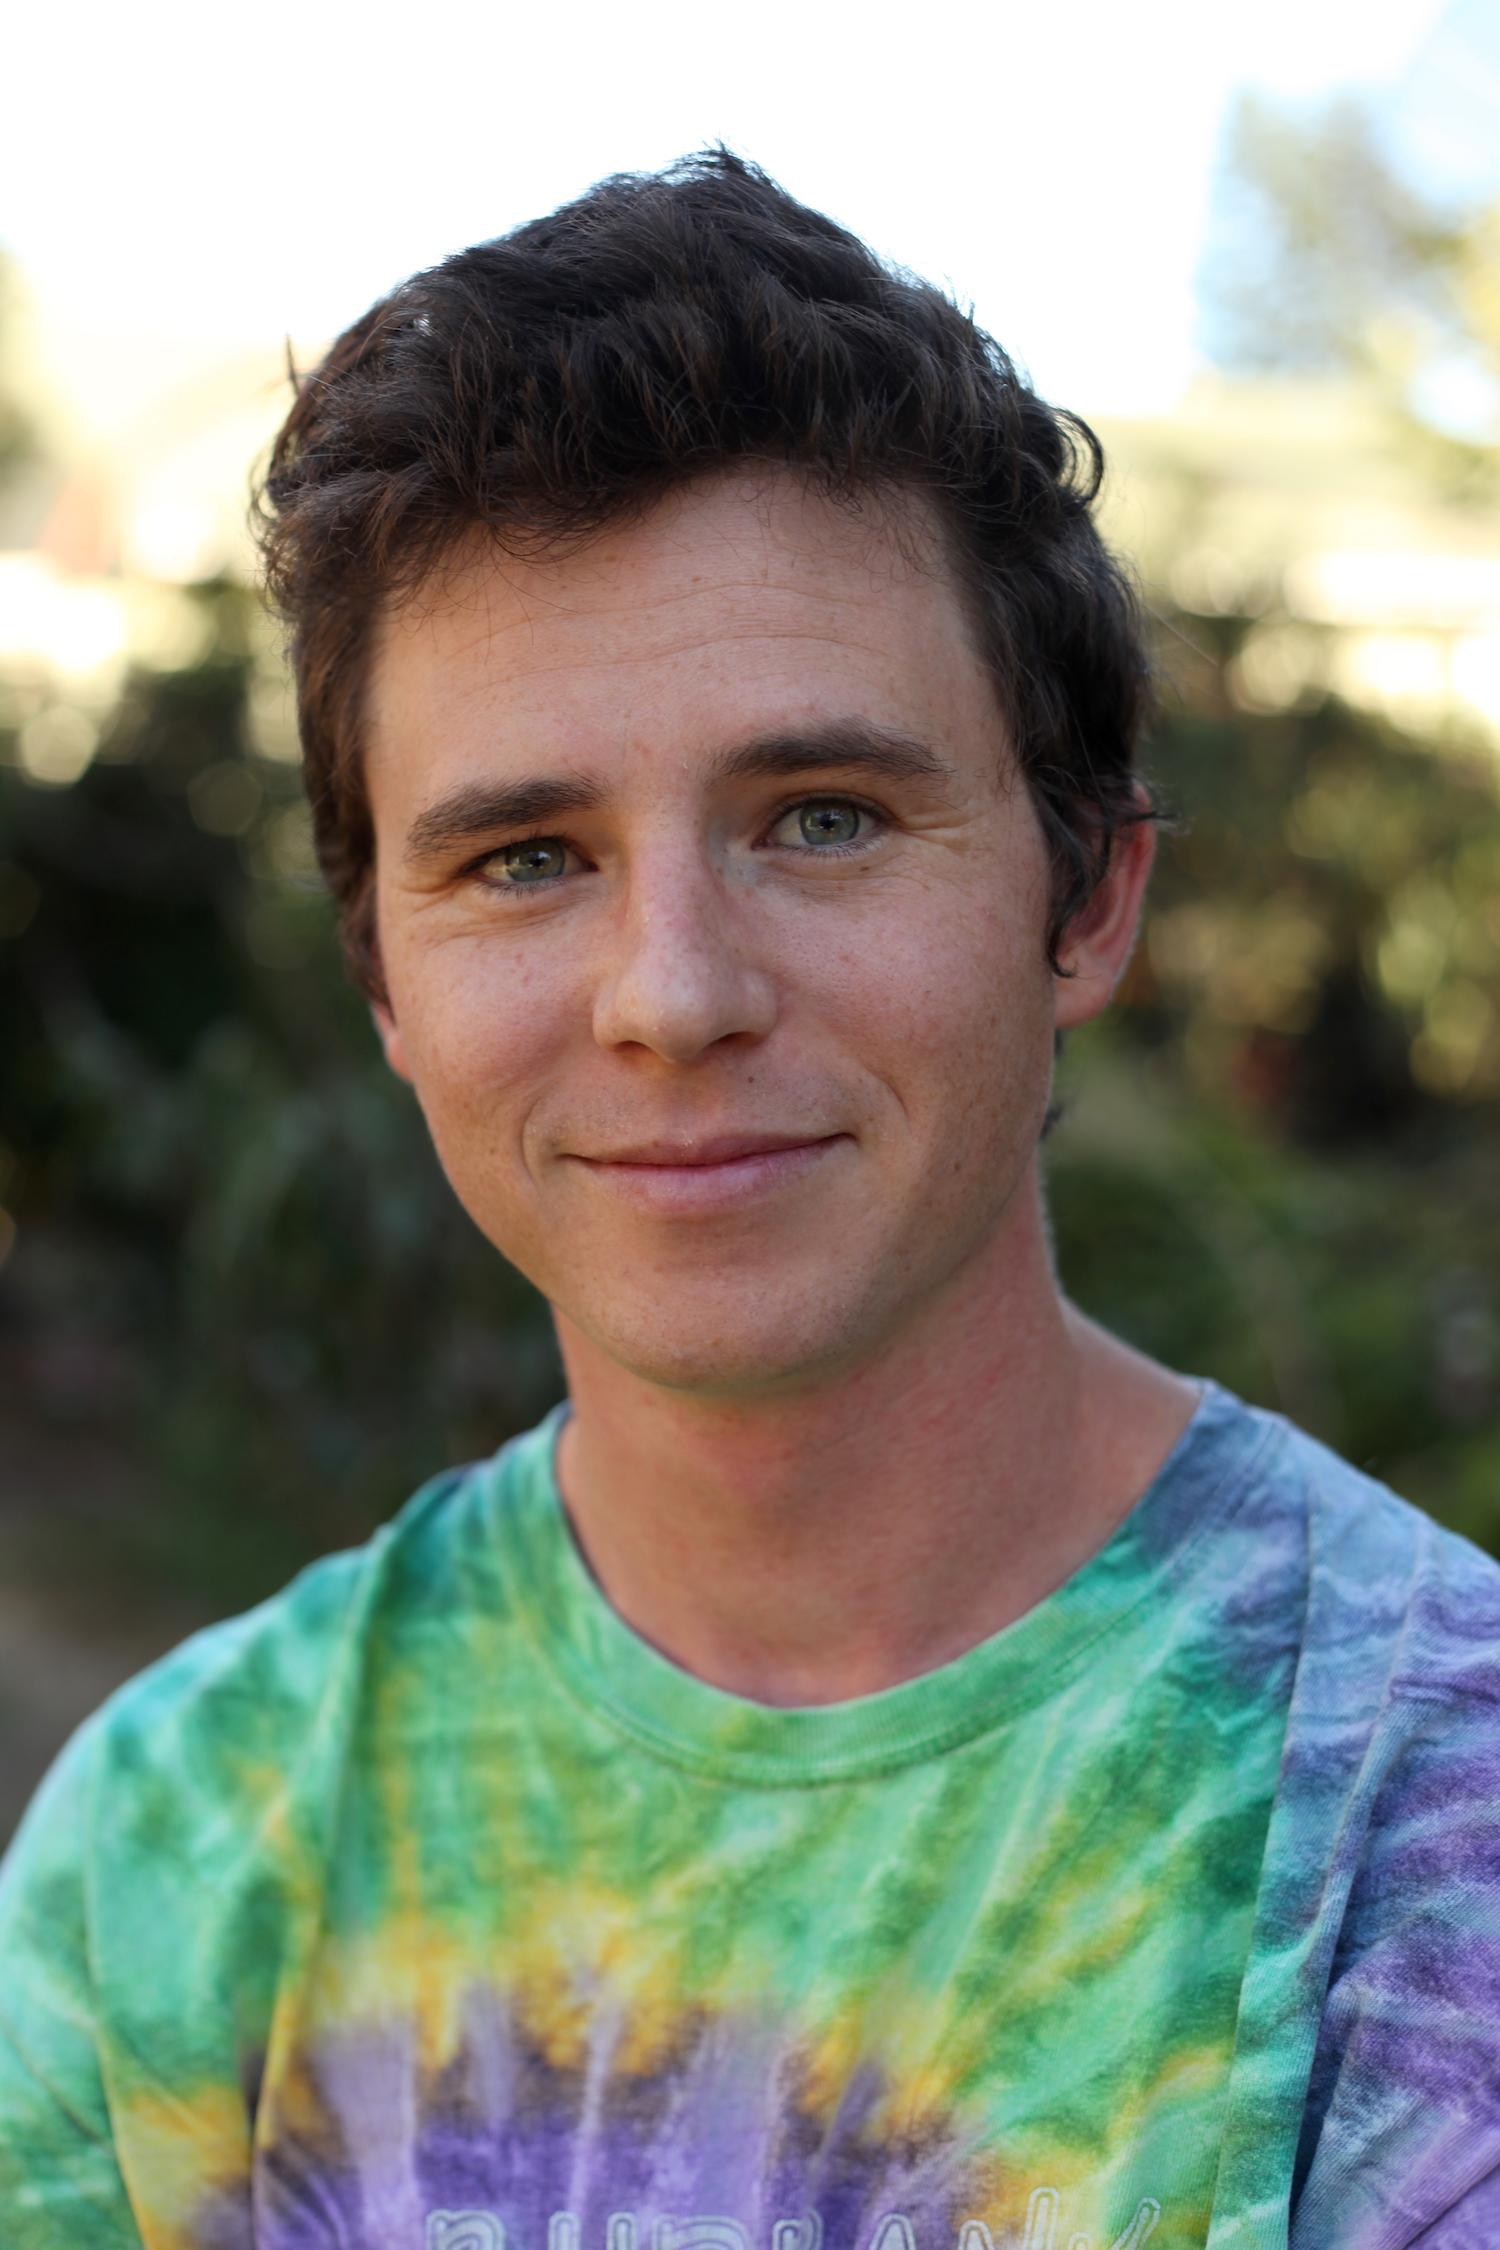 Charlie McDermott